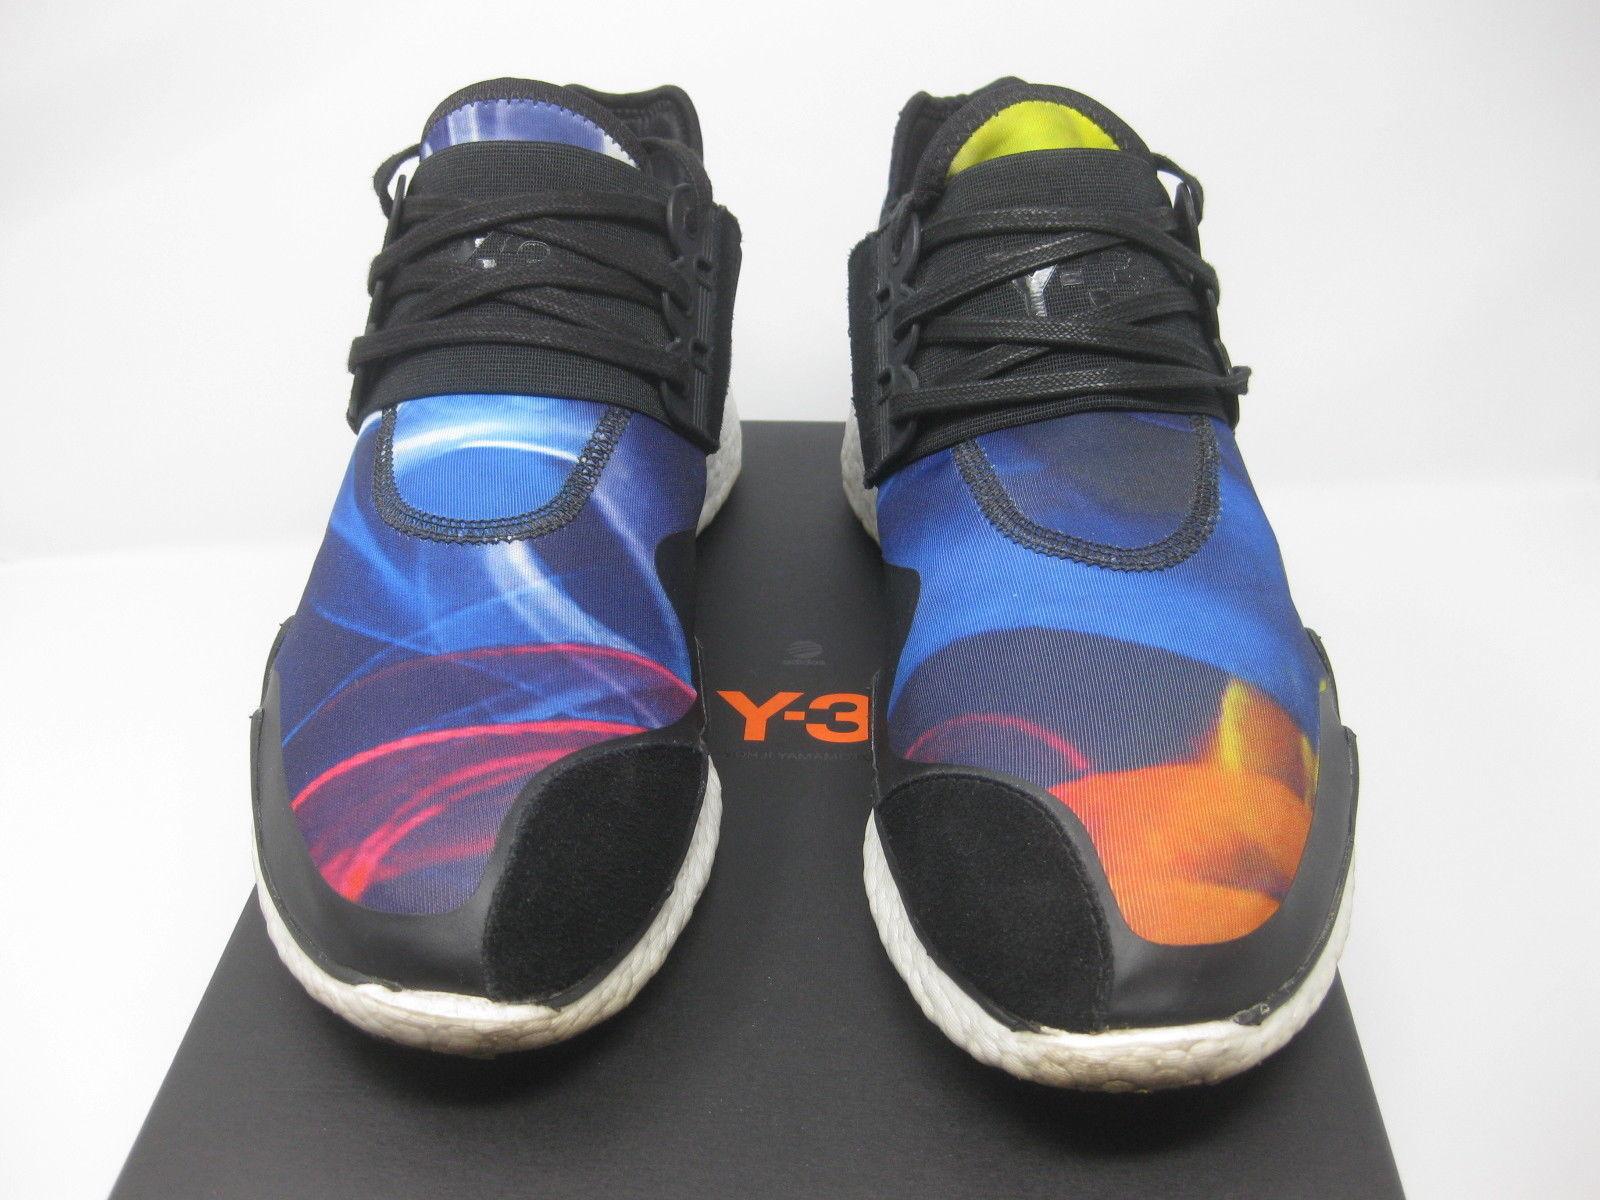 b78733a52 Adidas Y-3 Yohji Yamamoto Retro Boost AQ5495 Limited Edition MultiColor  Size 10